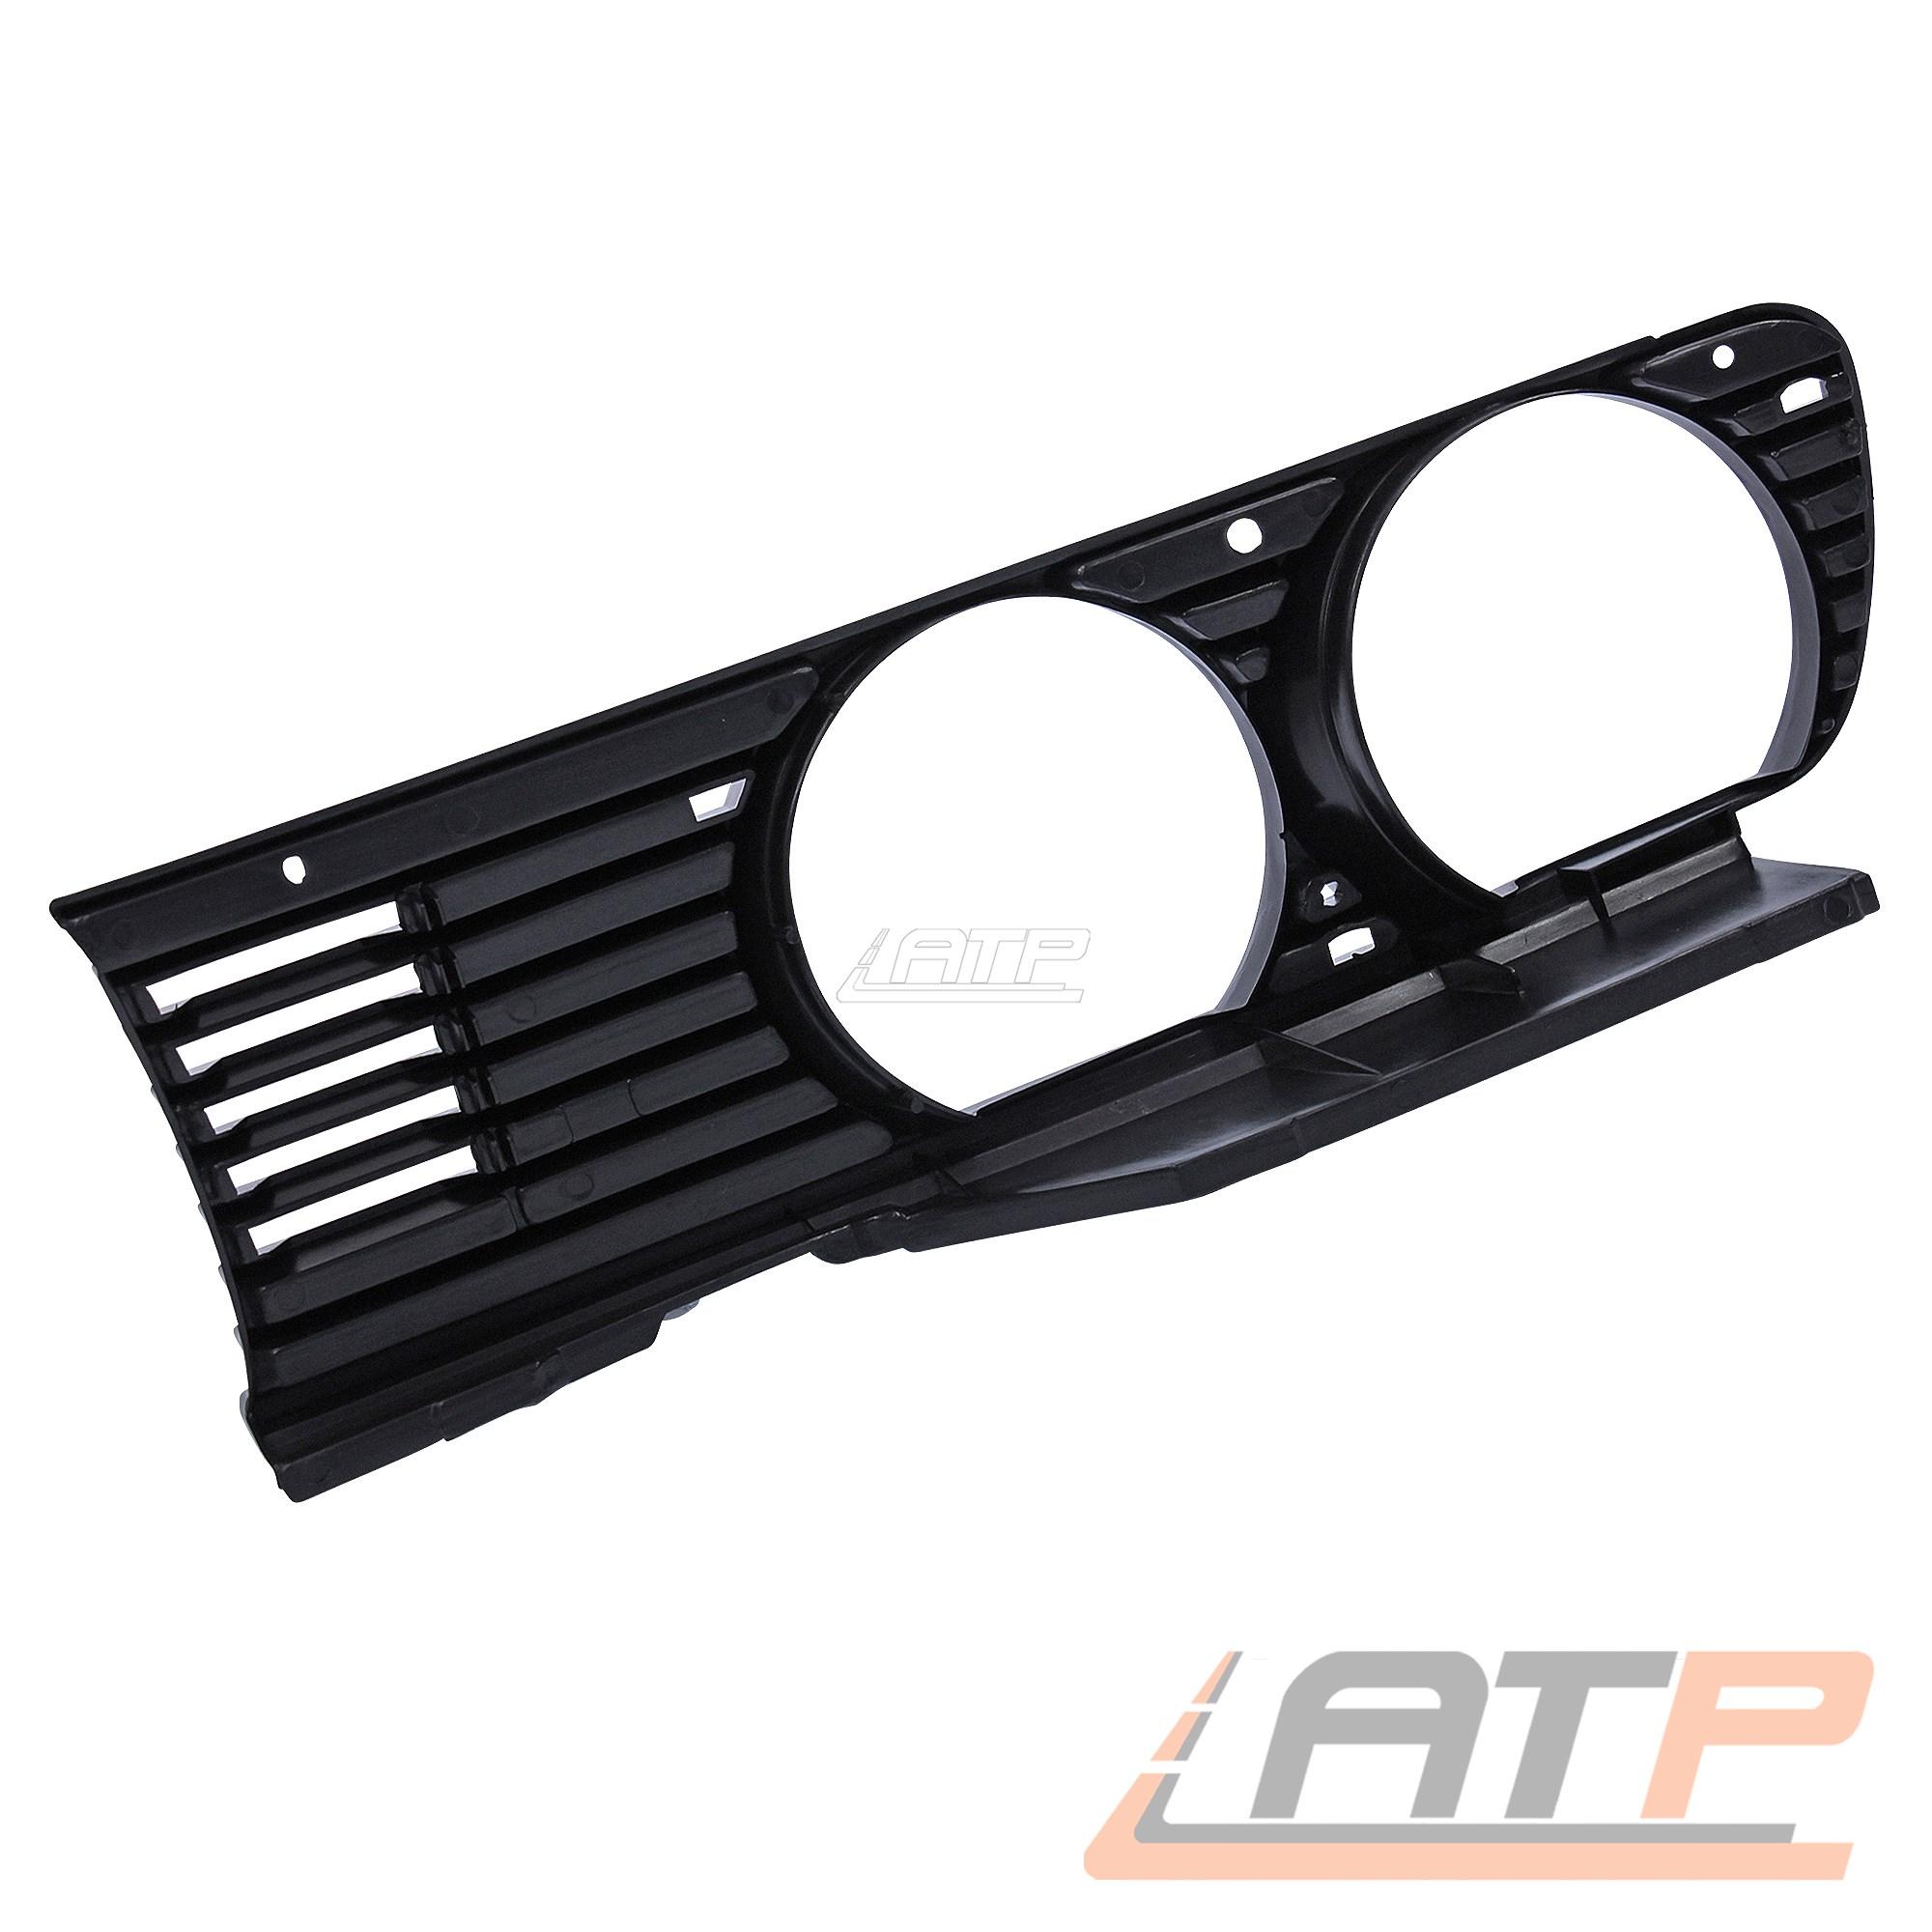 Rene griglia anteriore radiatore griglia griglia grill griglia ornamentali a sinistra BMW 3-er e30